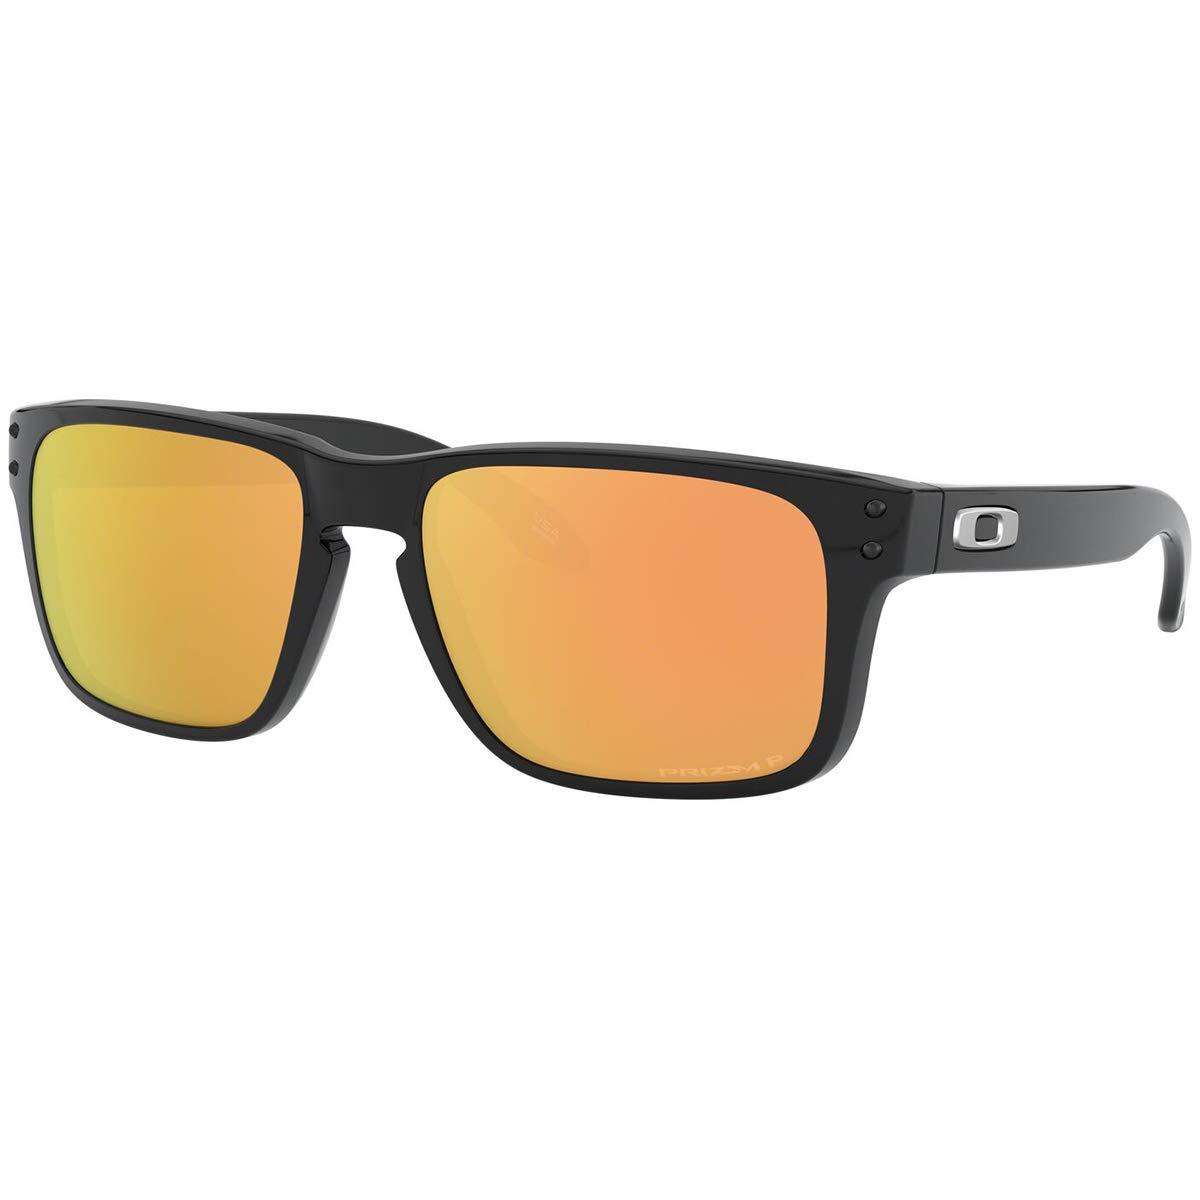 Oakley Big Girls' Holbrook XS Sunglasses,OS,Polished Black/Prizm Rose Gold Polarized